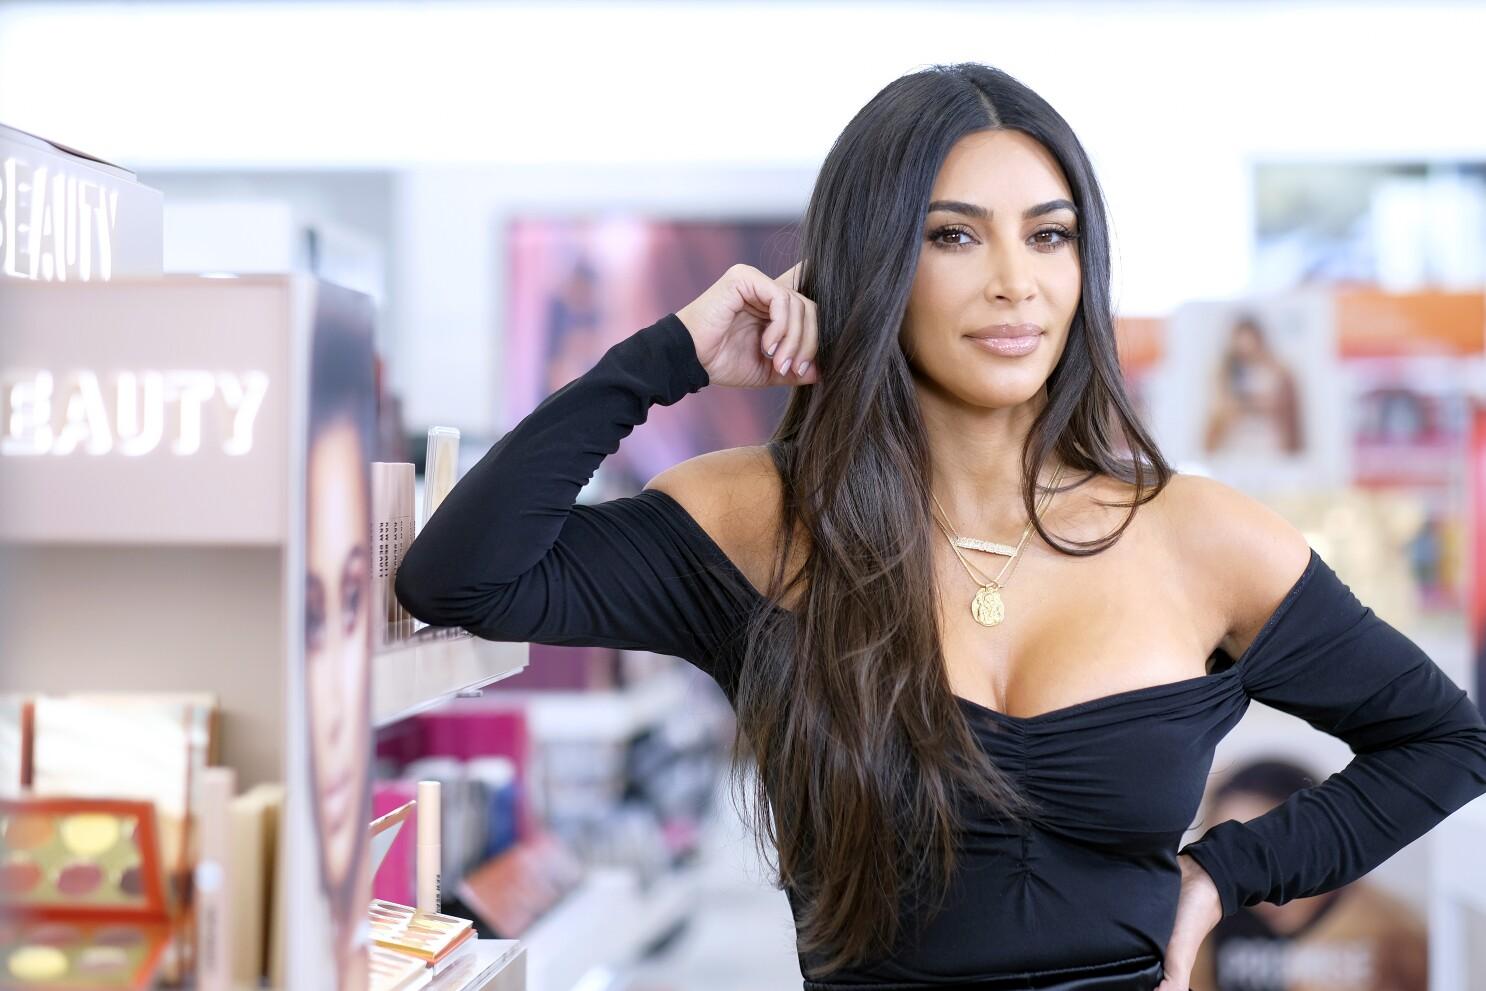 Kim Kardashian denies she violated labor laws - Los Angeles Times